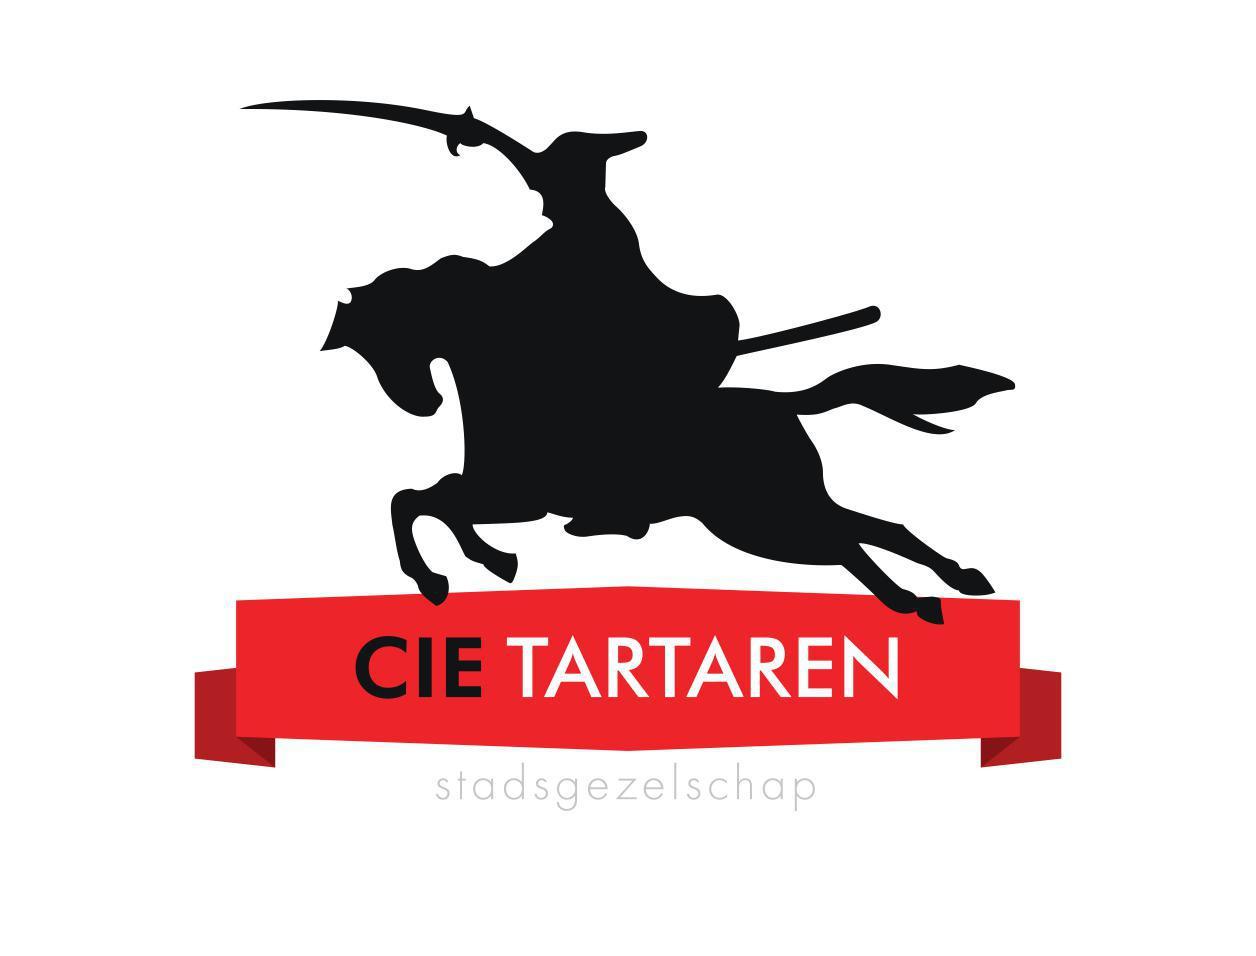 een zwarte afbeelding van een ridder op een paard die in galop en met getrokken zwaard ten strijde trekt wordt gefklankeerd door een rode banner waarop de woorden cie Tartaren staan.